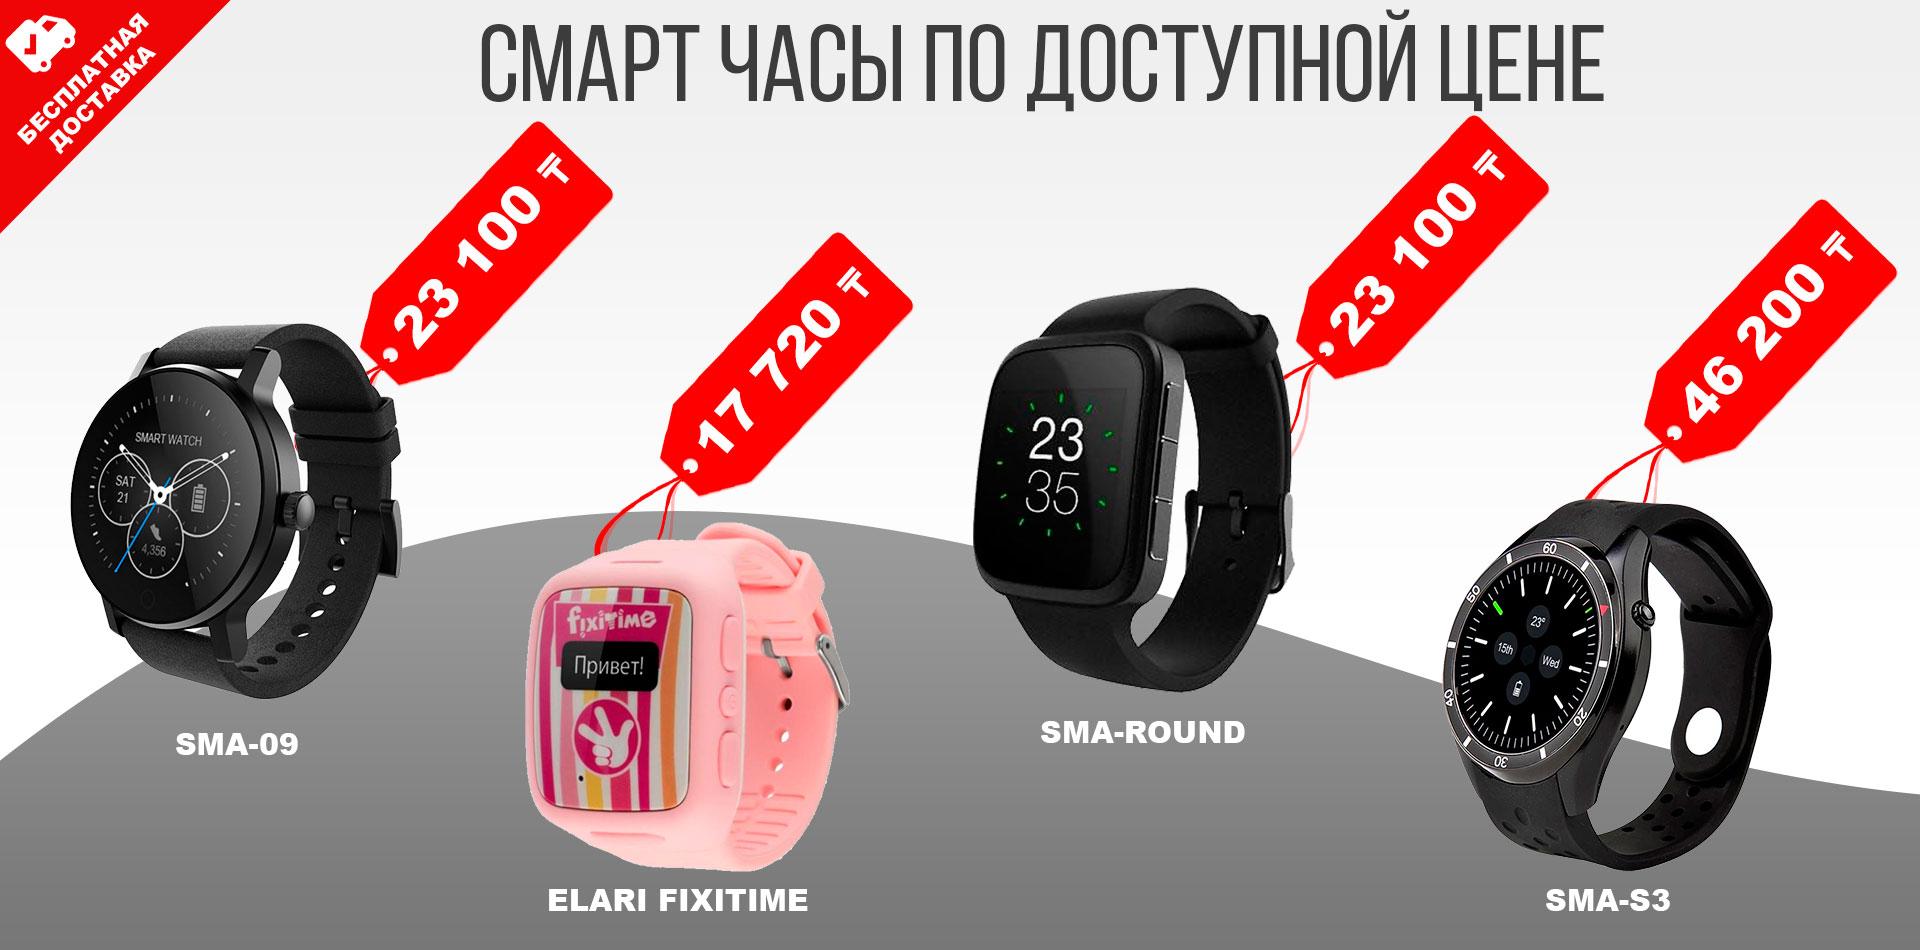 СМАРТ-ЧАСЫ В АСТАНЕ.